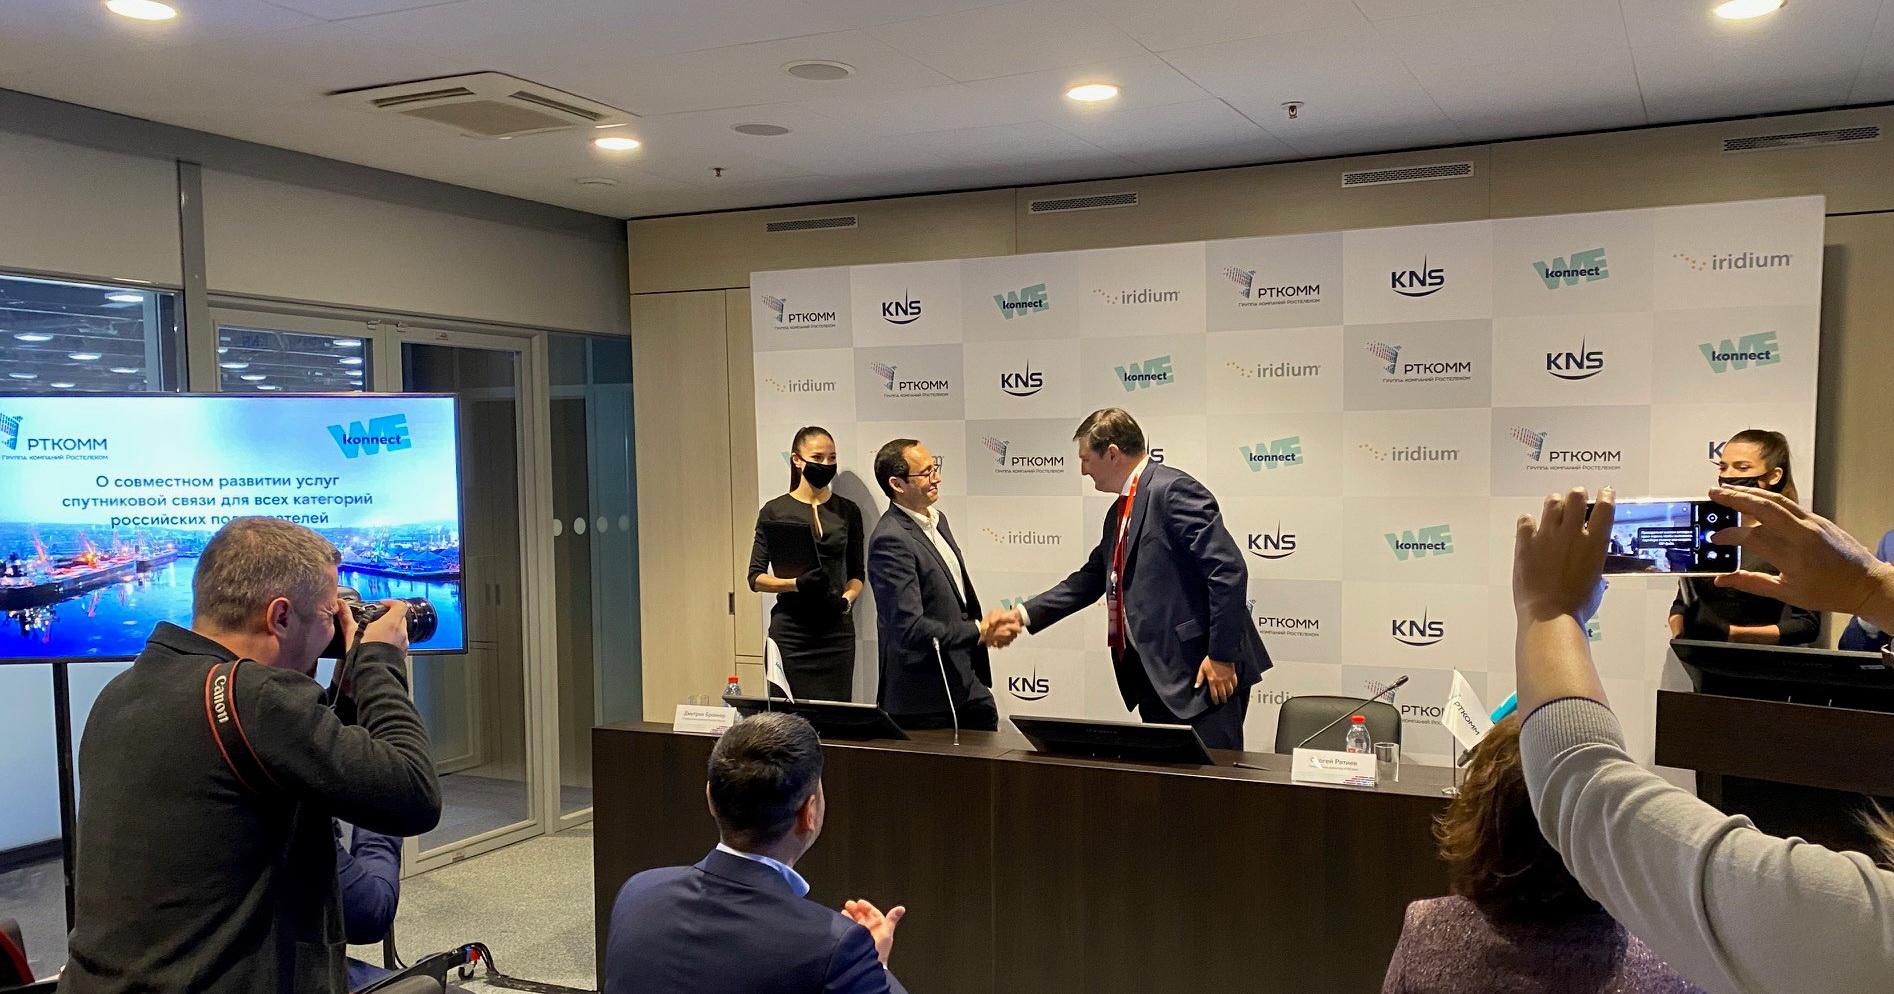 «Konnect, Россия» и РТКОММ договорились о развитии спутниковой связи для морских и речных судов 1